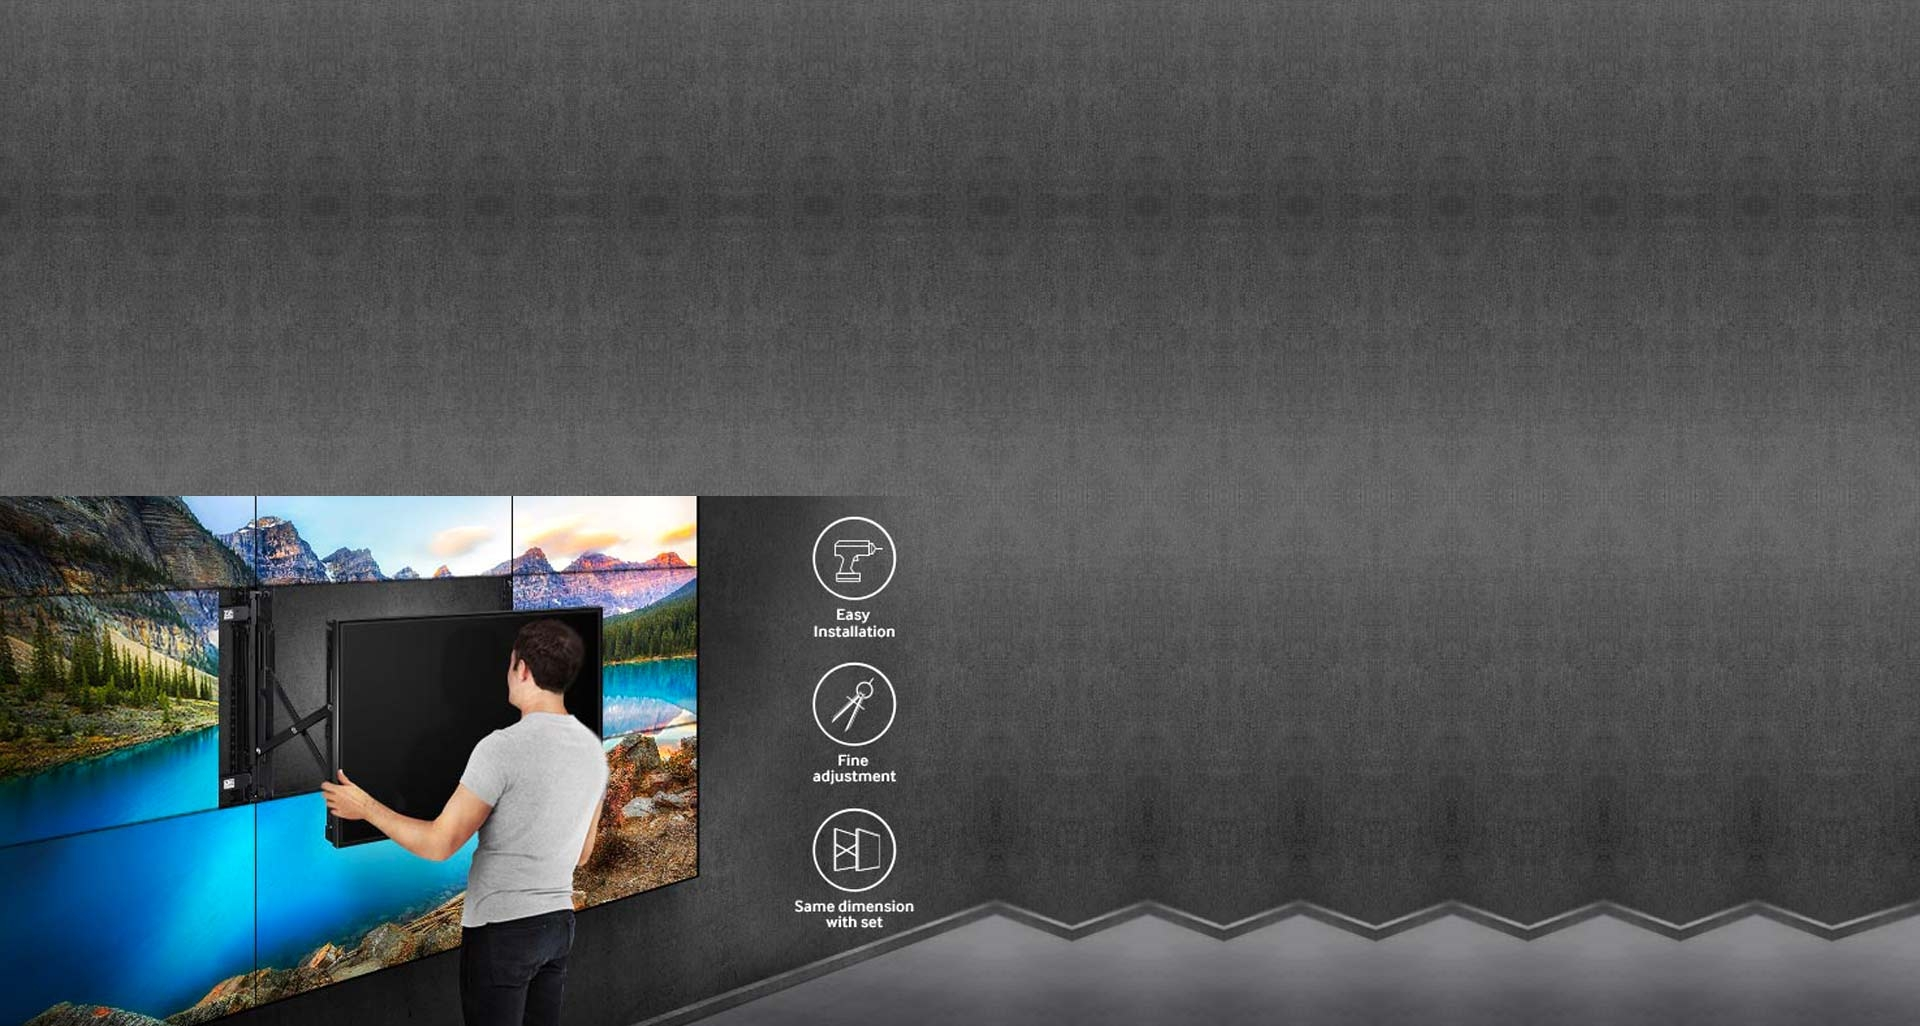 نصب بسیار آسان ویدئو وال های سامسونگ با کمک پایه نگهدارنده